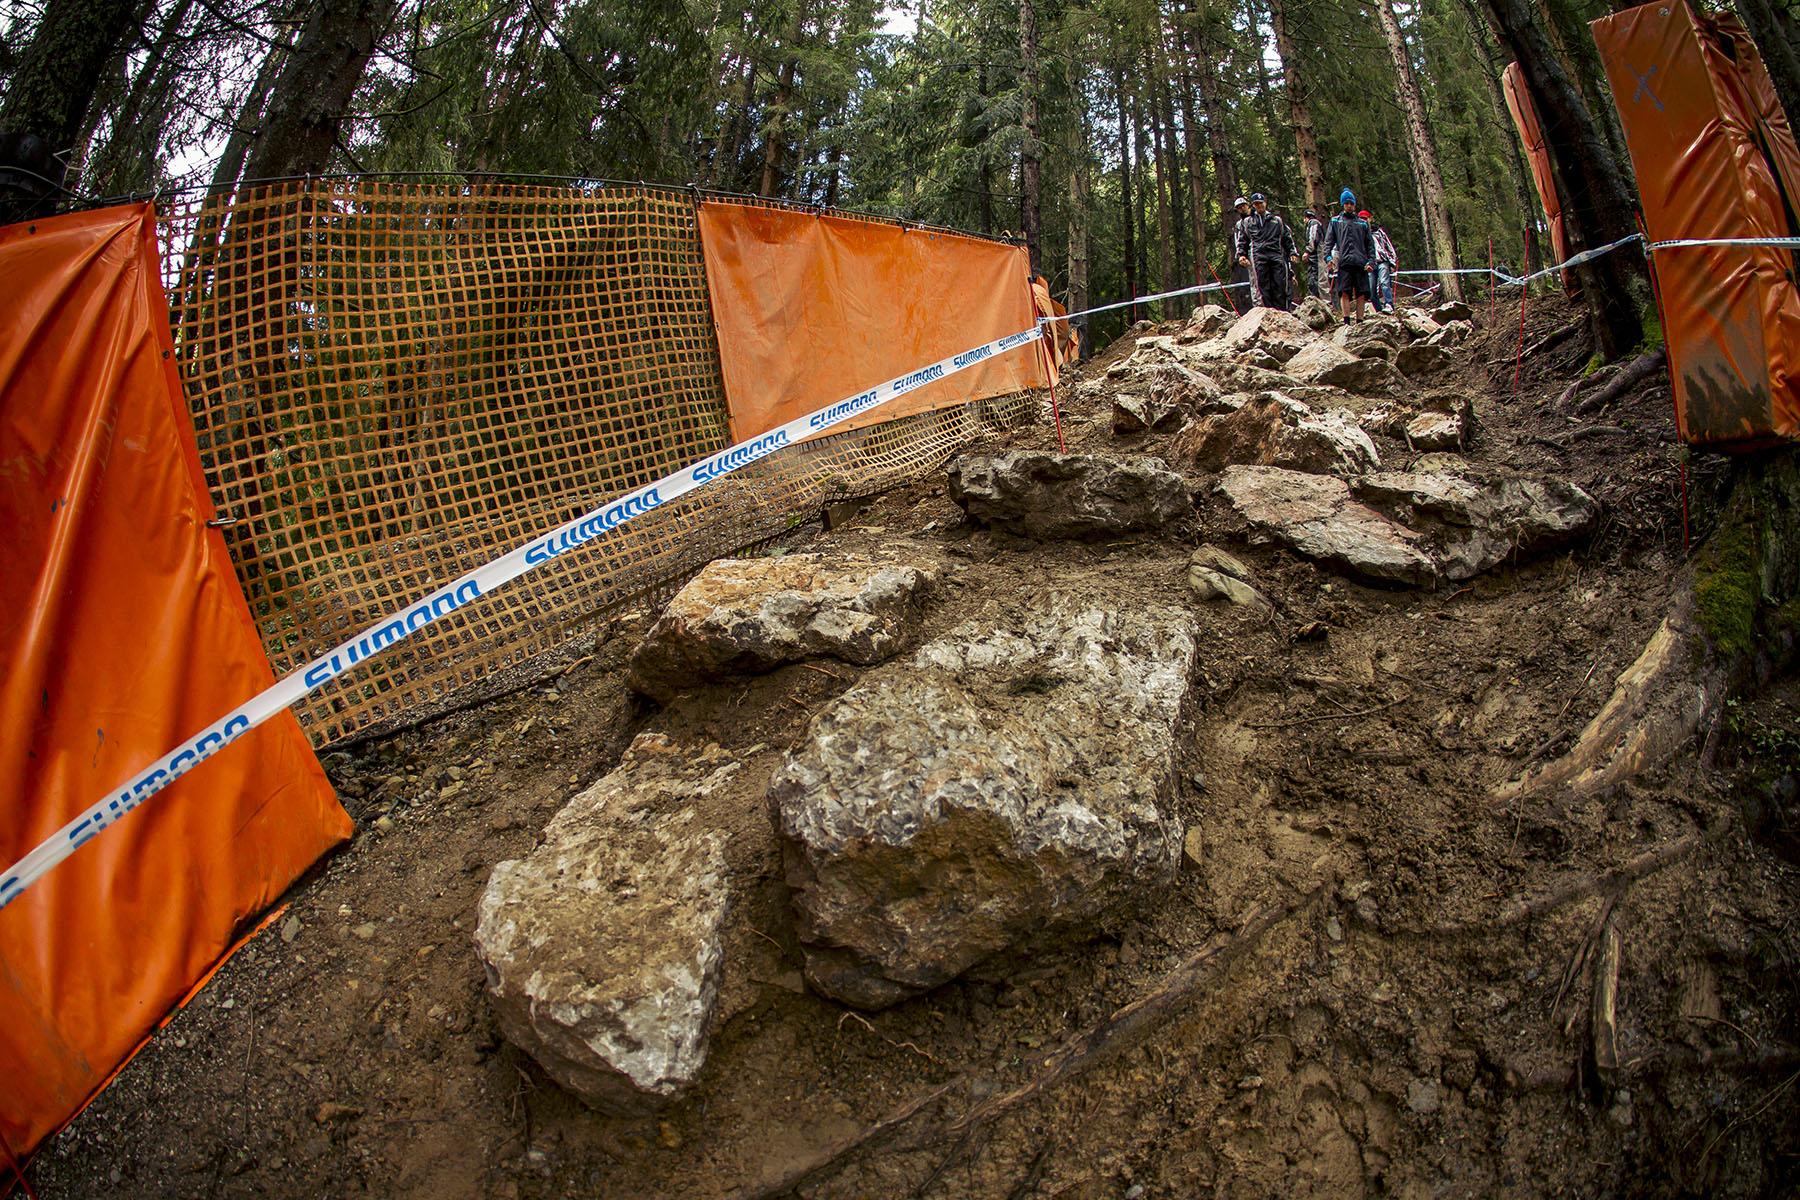 Eine frische Ladung Steine und Lehm zum Auffüllen der Lücken.